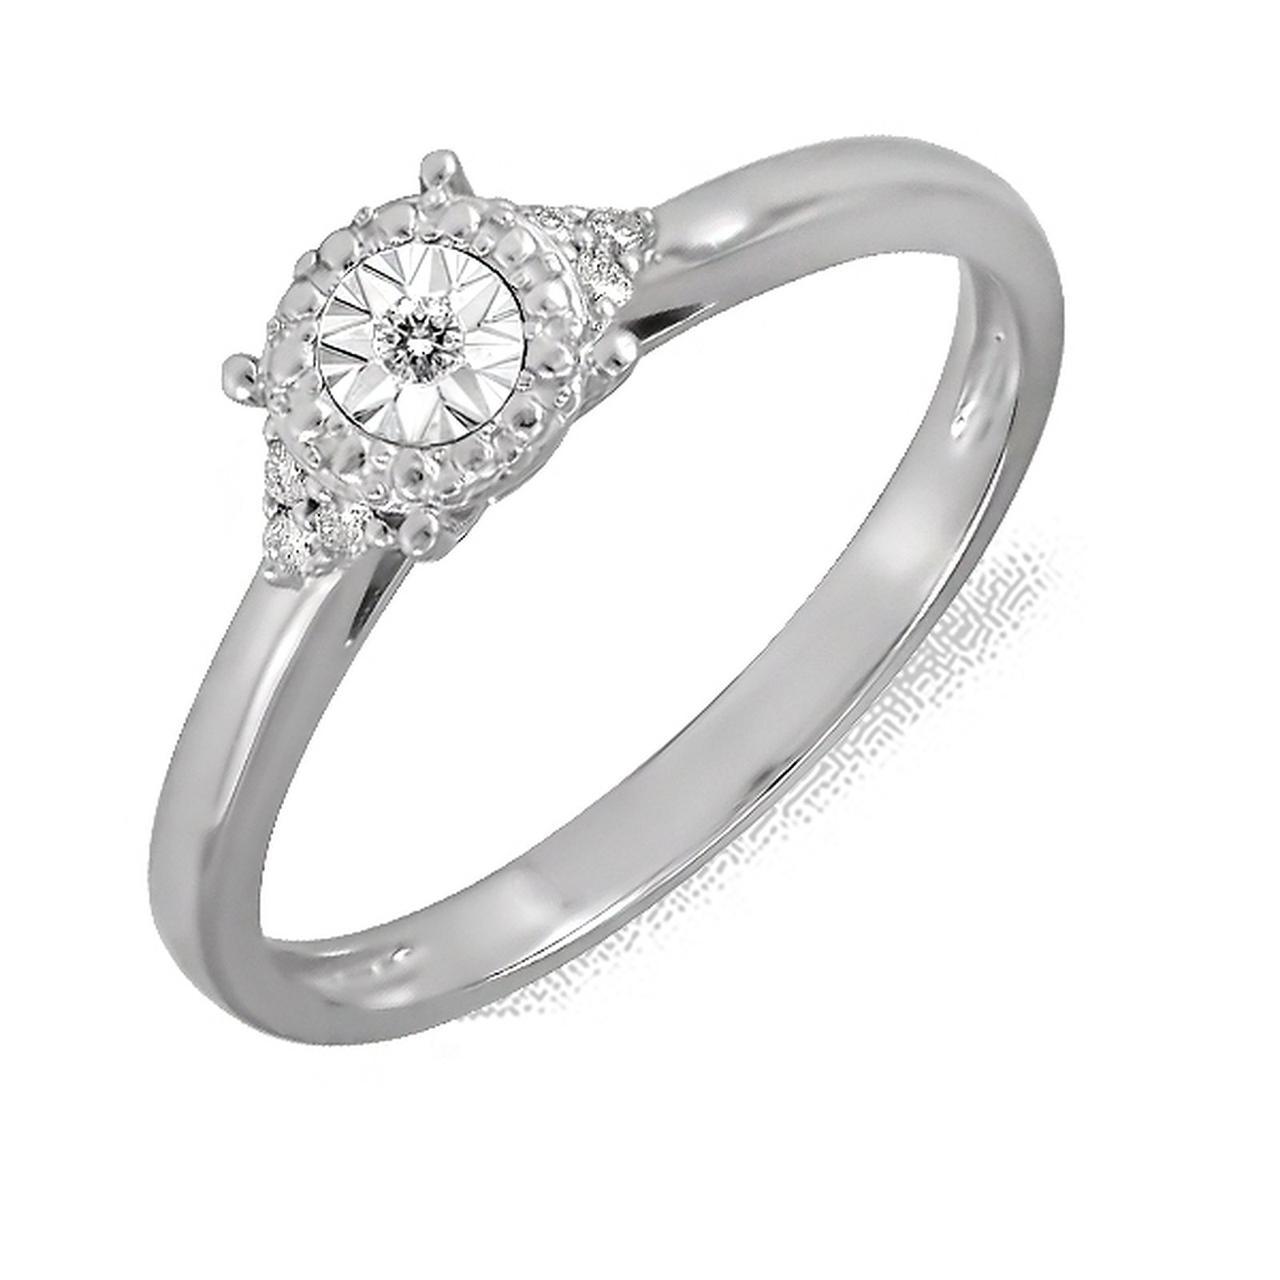 Золотое кольцо с бриллиантами, размер 15.5 (161829)